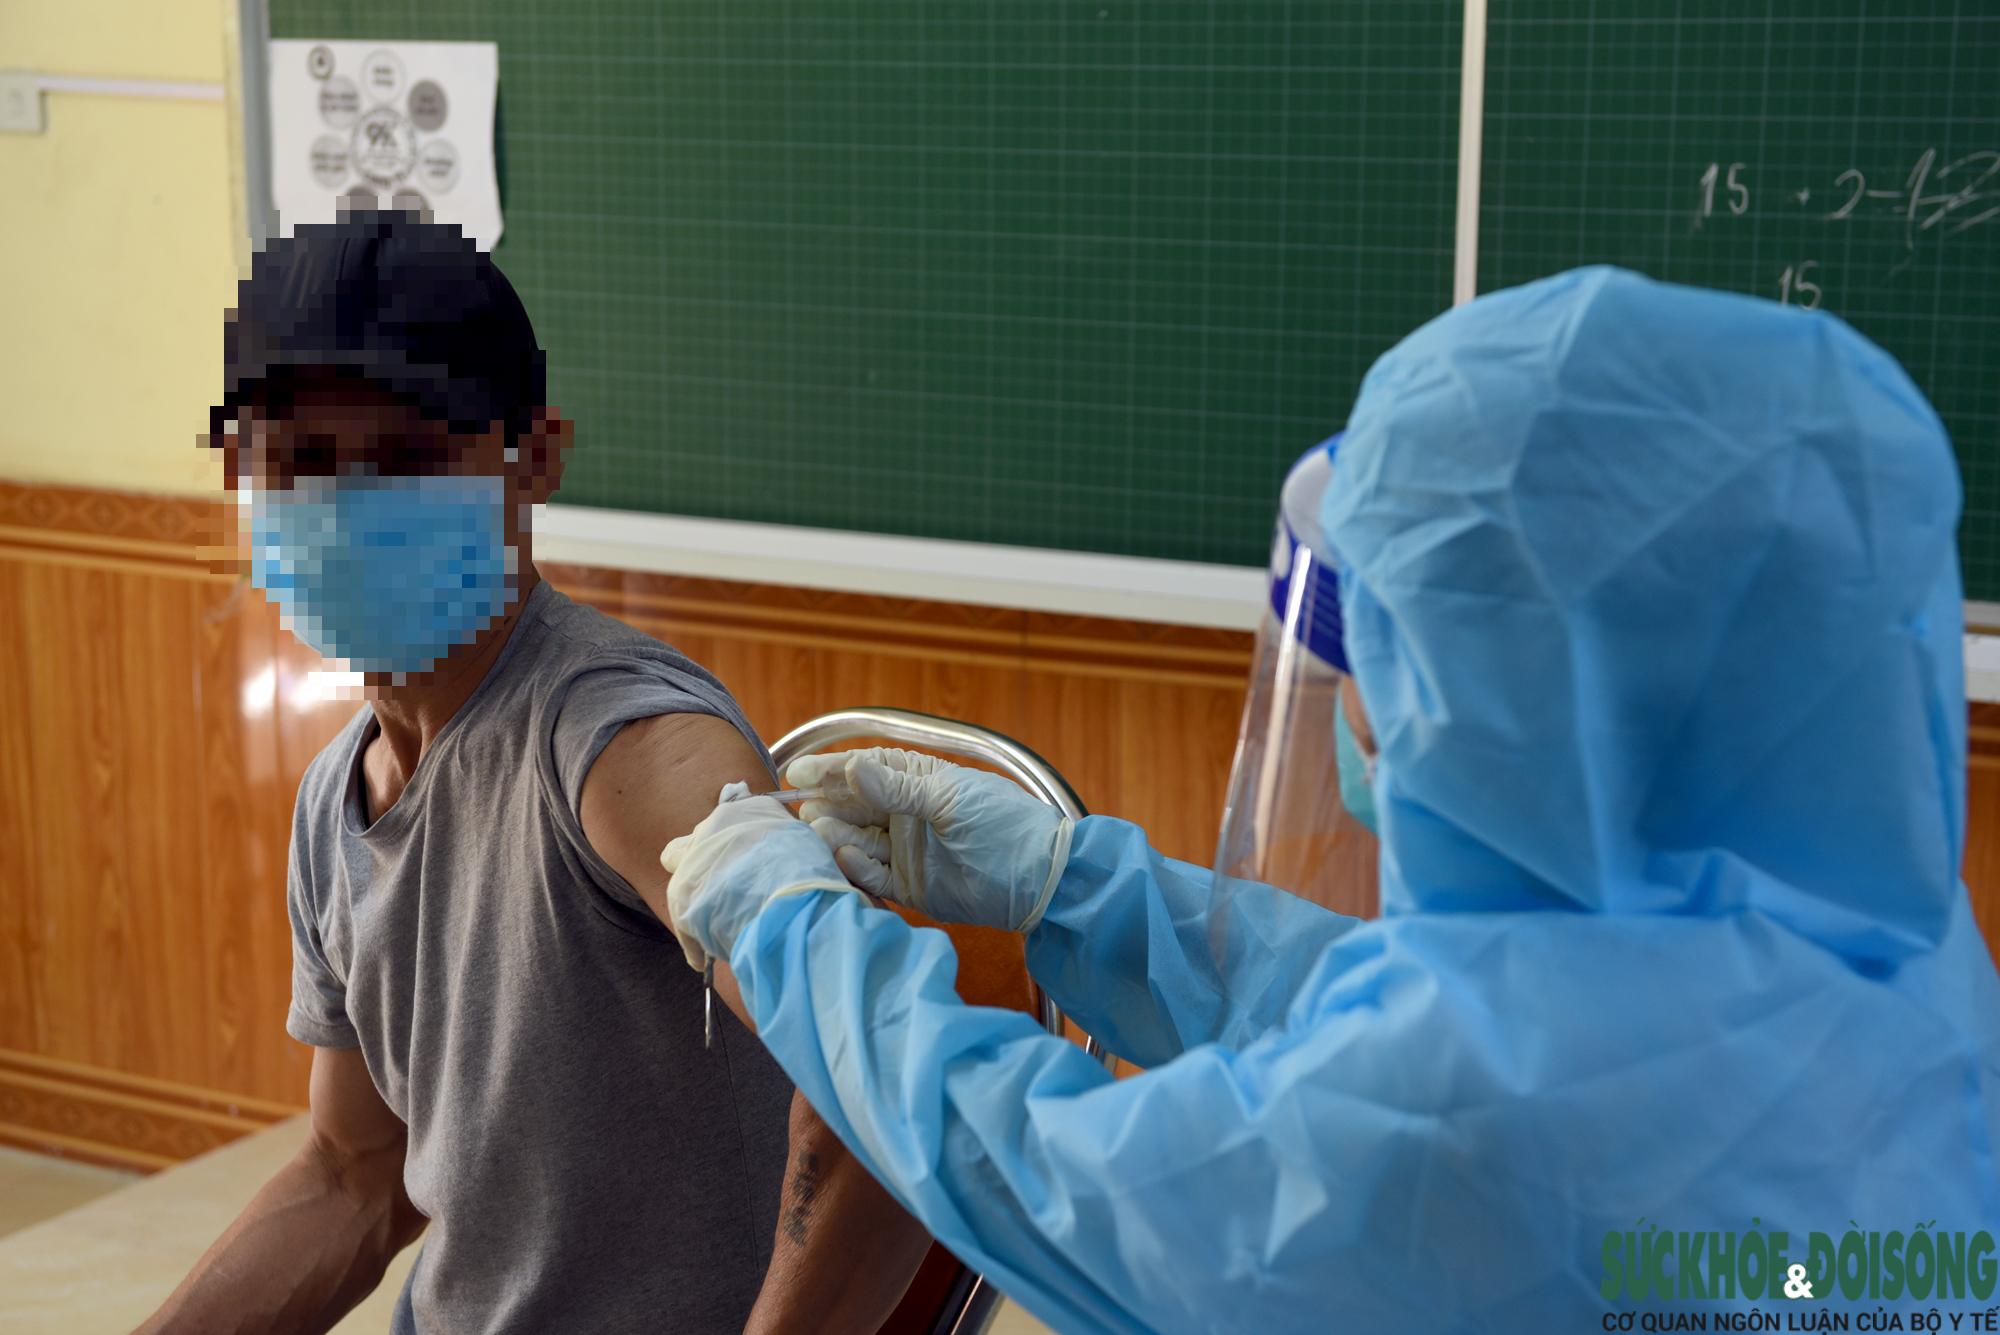 Giám đốc Sở Y tế Nghệ An thông tin về việc cụ ông 82 tuổi bị tử vong sau tiêm vaccine - Ảnh 2.